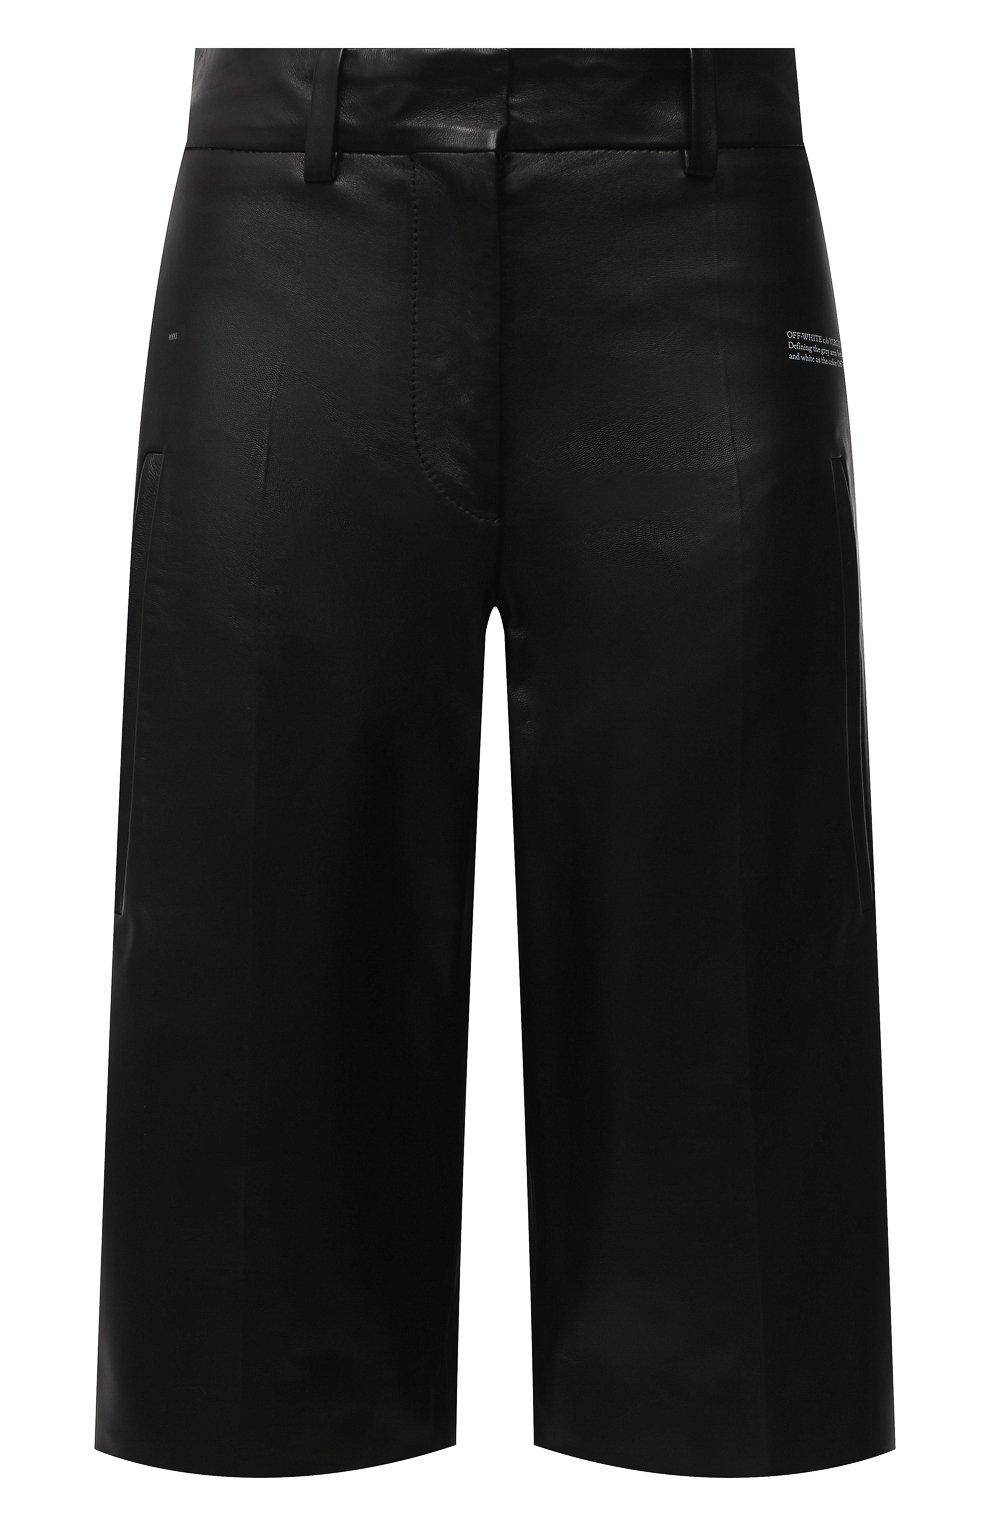 Женские кожаные шорты OFF-WHITE черного цвета, арт. 0WJF004F20LEA0011000   Фото 1 (Женское Кросс-КТ: Шорты-одежда; Стили: Гранж; Кросс-КТ: Широкие; Длина Ж (юбки, платья, шорты): До колена; Материал подклада: Вискоза)